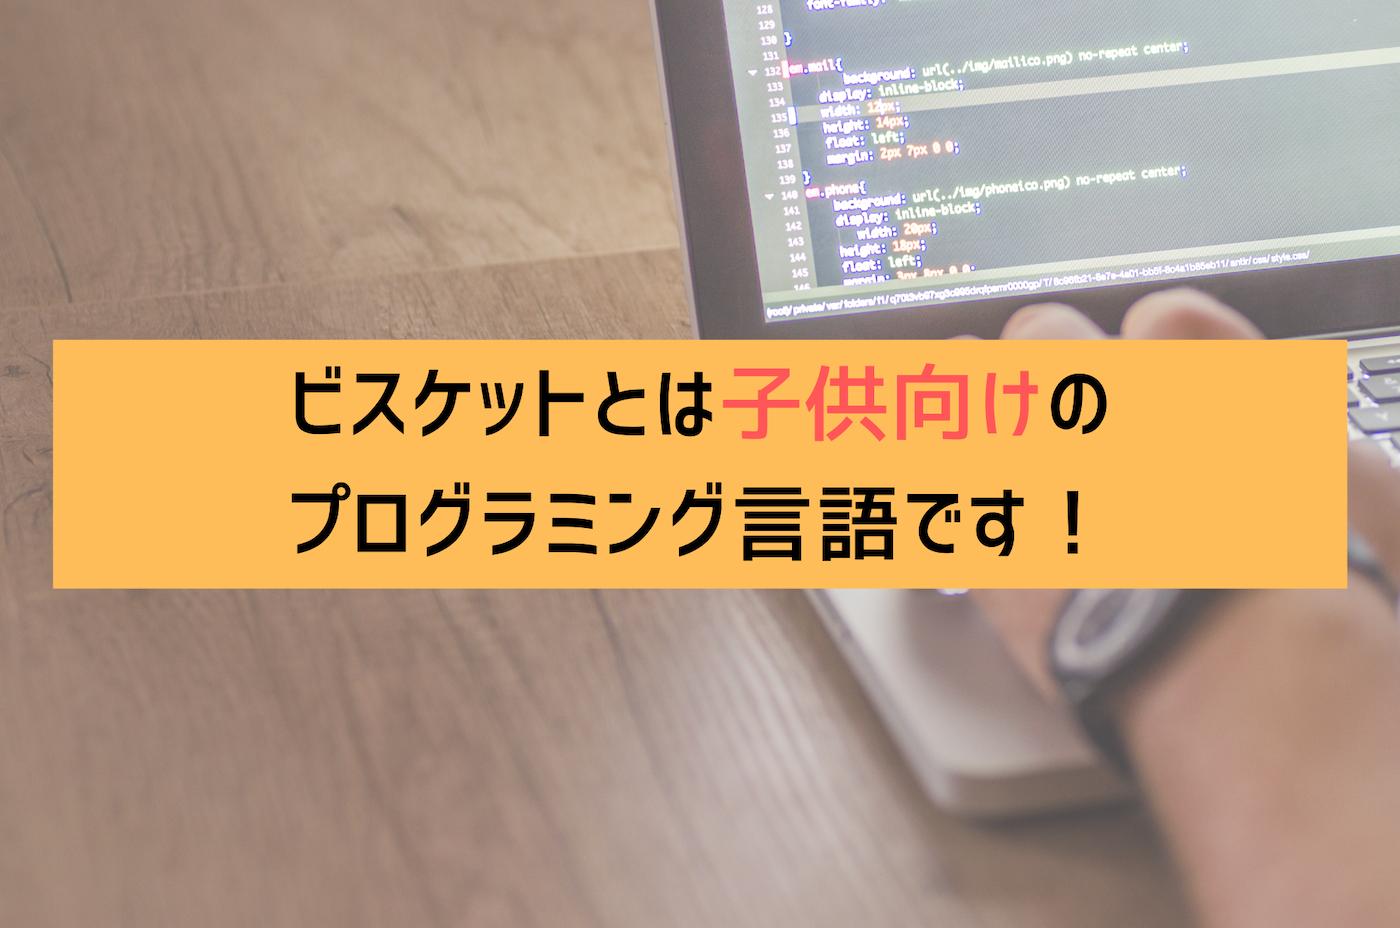 プログラミング言語のビスケット「viscuit」について解説!子ども向けプログラミング言語